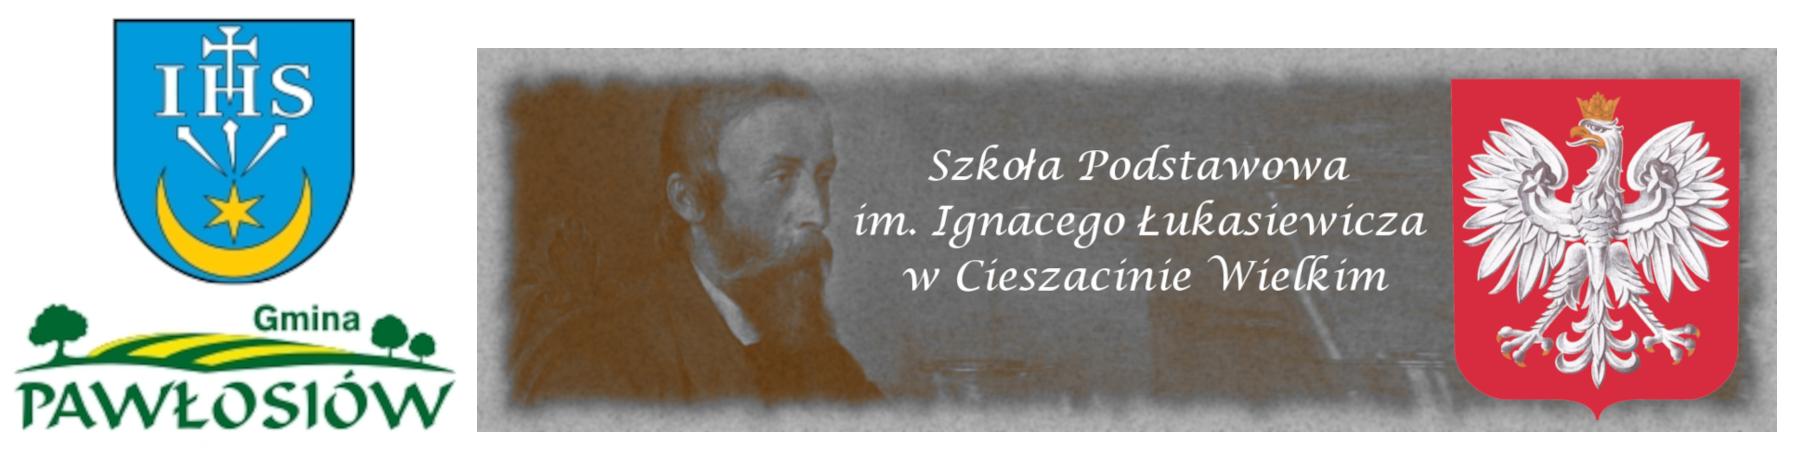 Szkoła Podstawowa im. Ignacego Łukasiewicza w Cieszacinie Wielkim